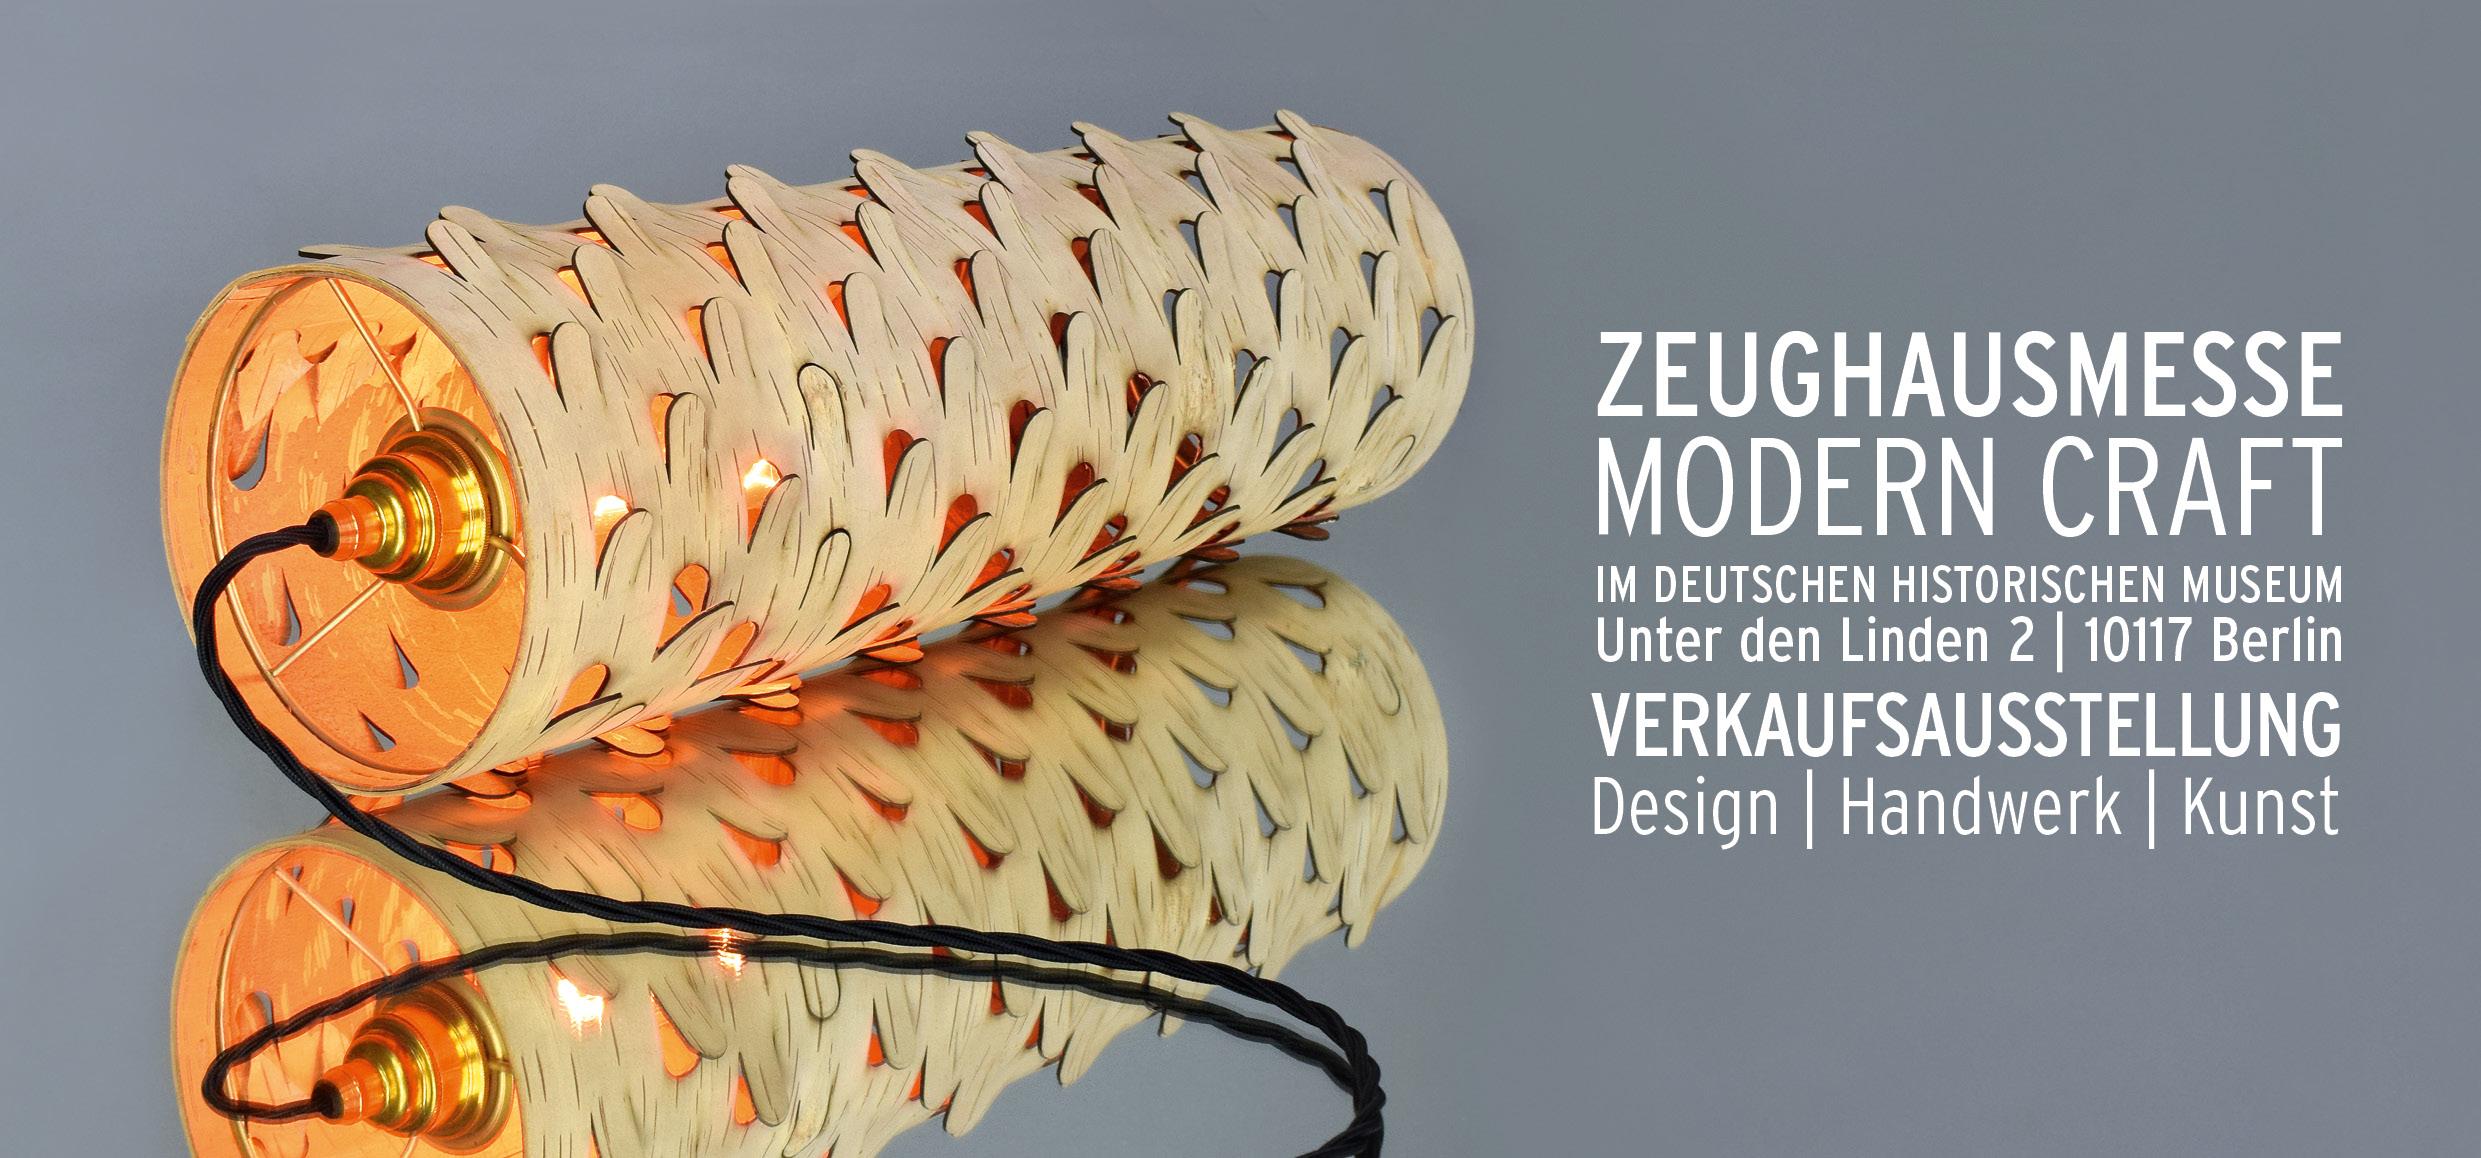 Mit einer Lampe aus Birkenrinde von Anastasyia Koshcheeva wirbt die Zeughausmesse dieses Jahr.